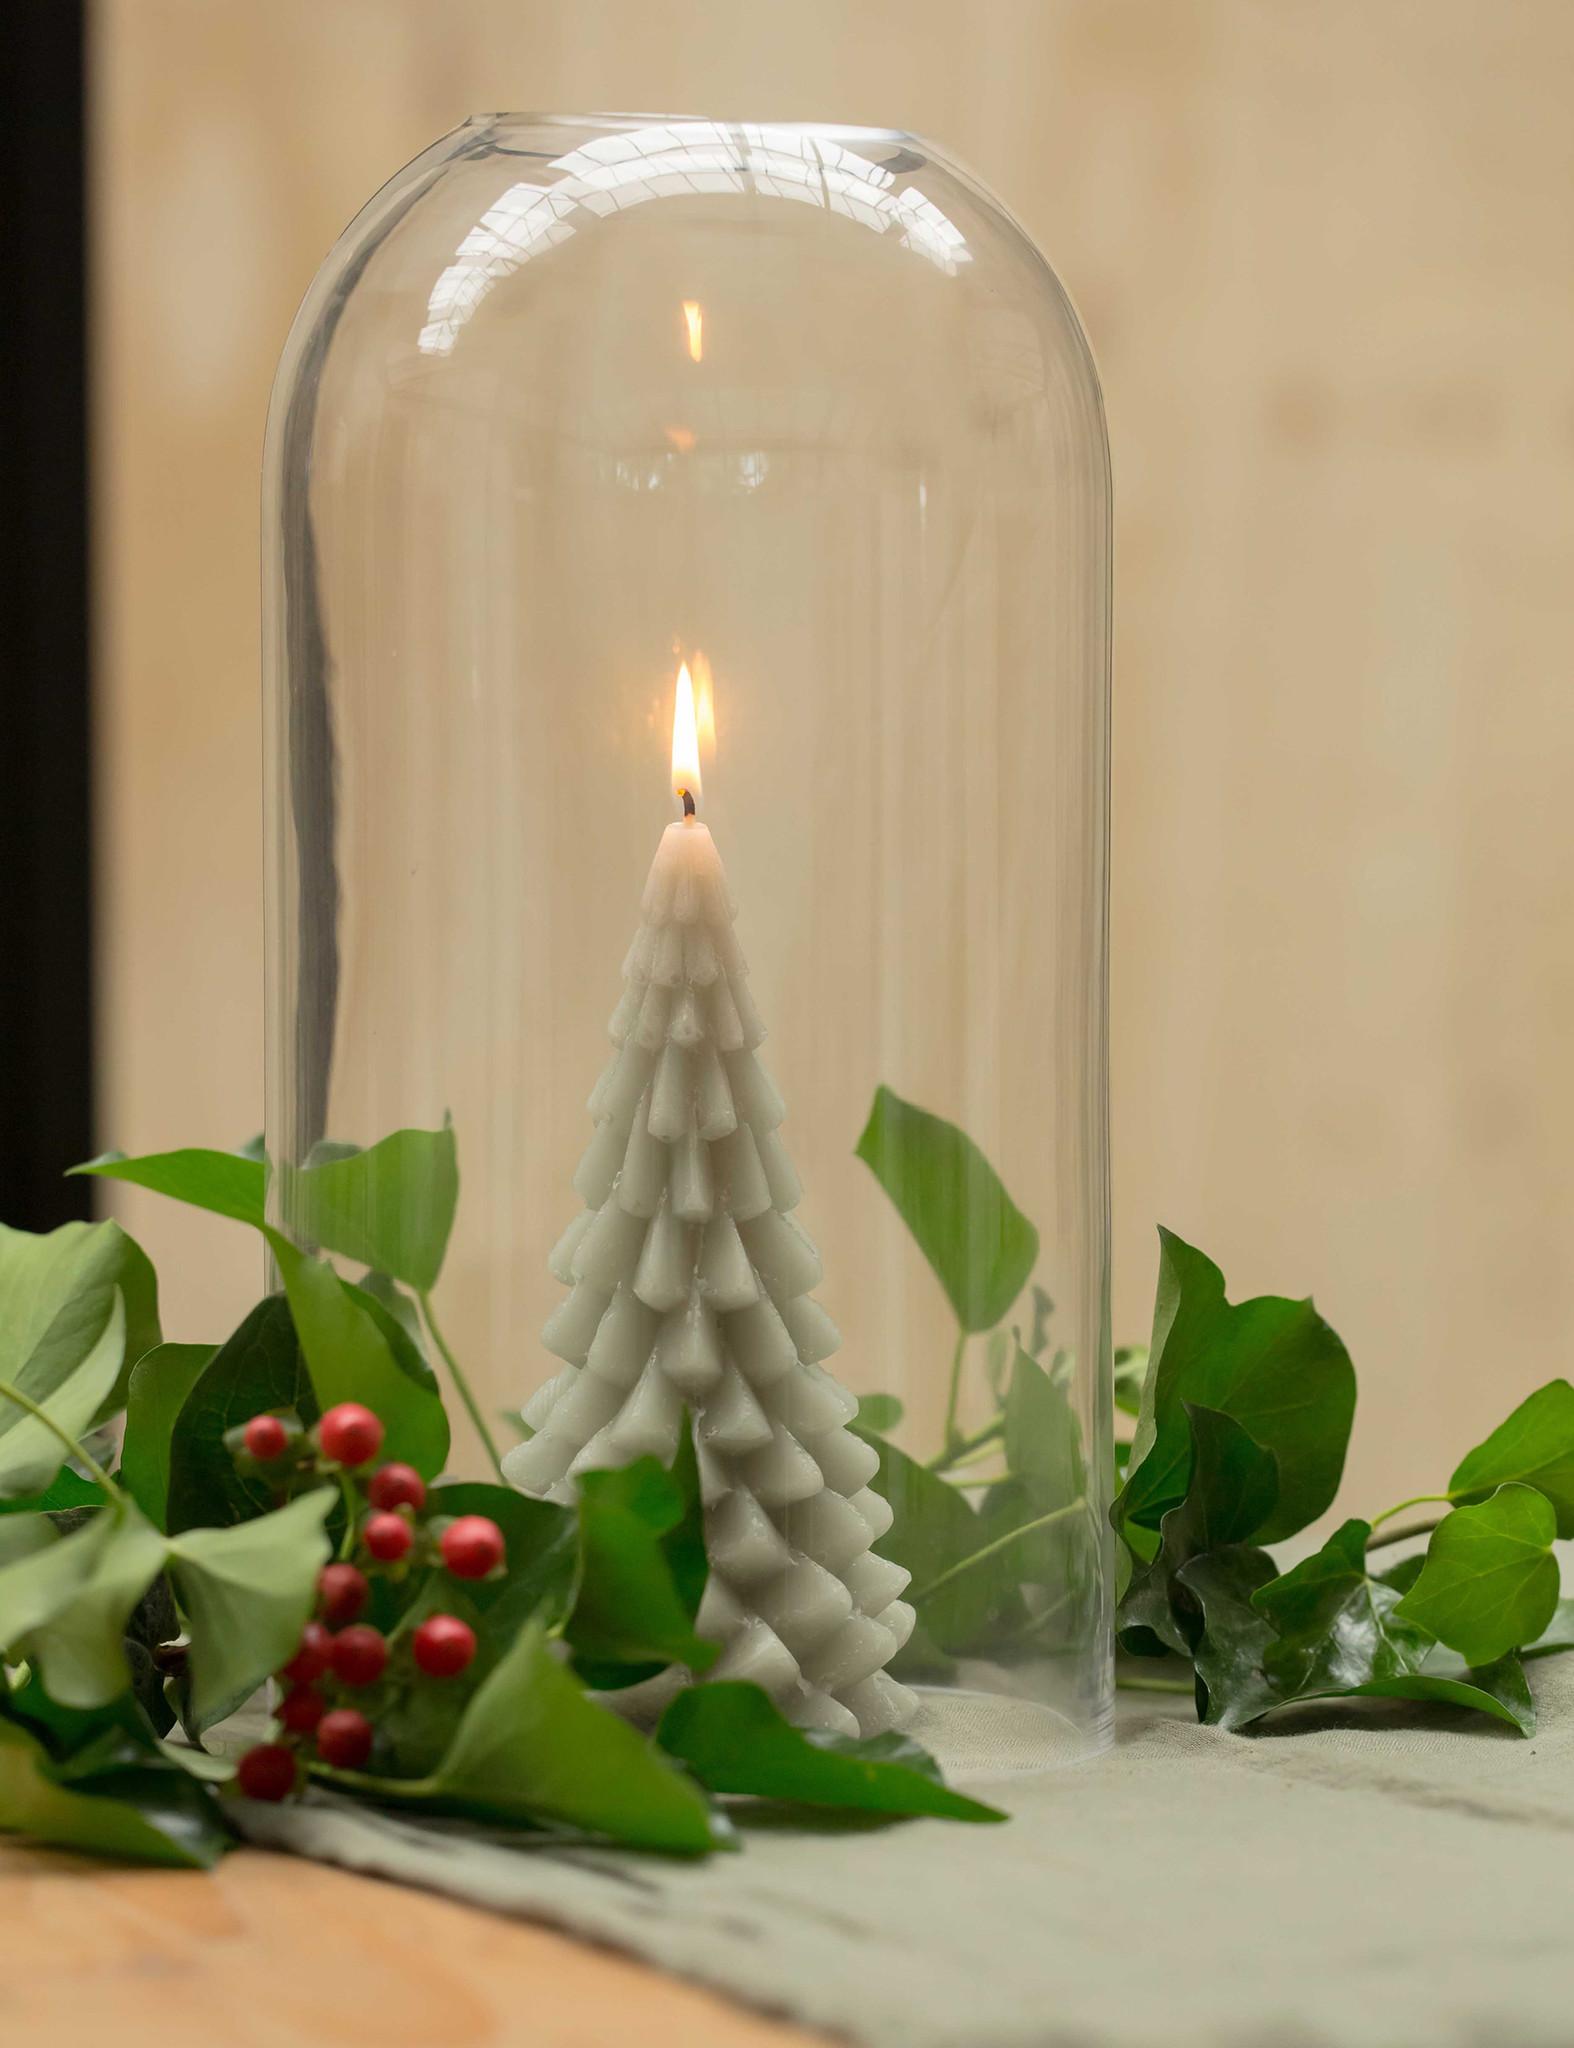 Kerstboomkaars van Rustik Lys voor op de feesttafel